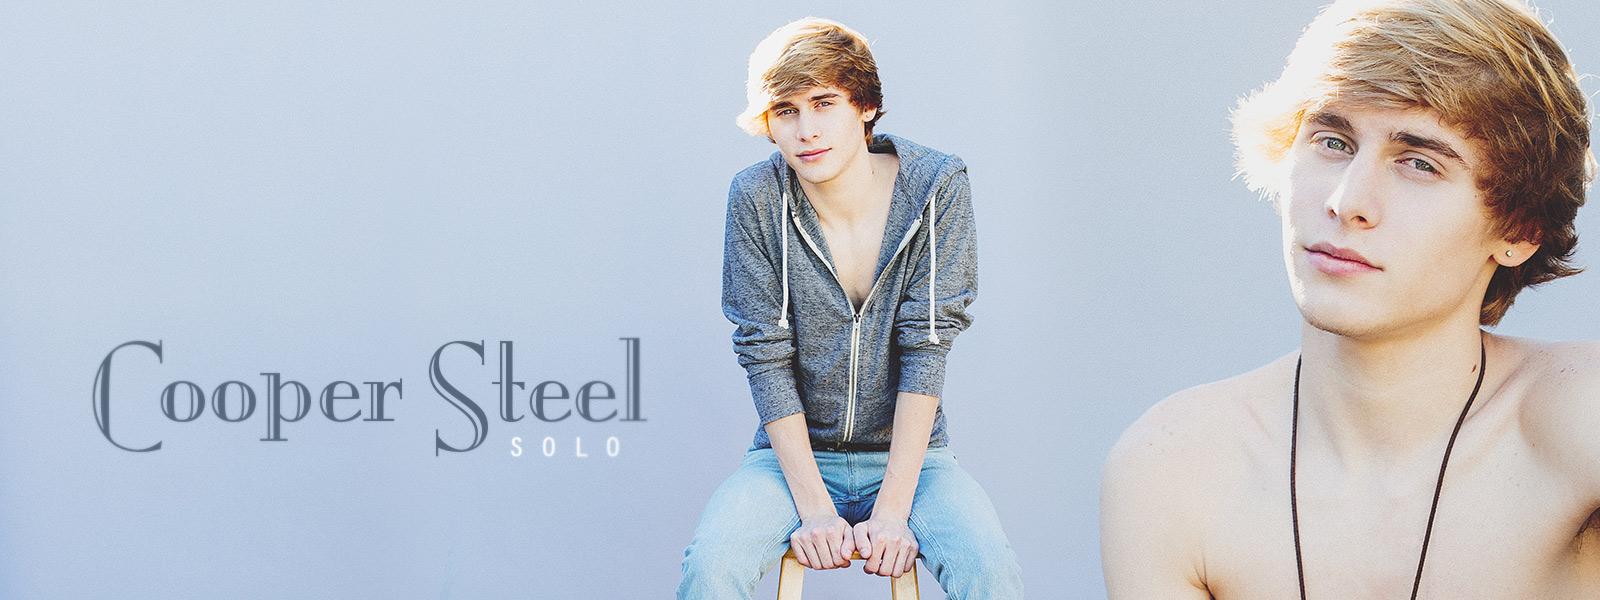 Cooper Steel Solo